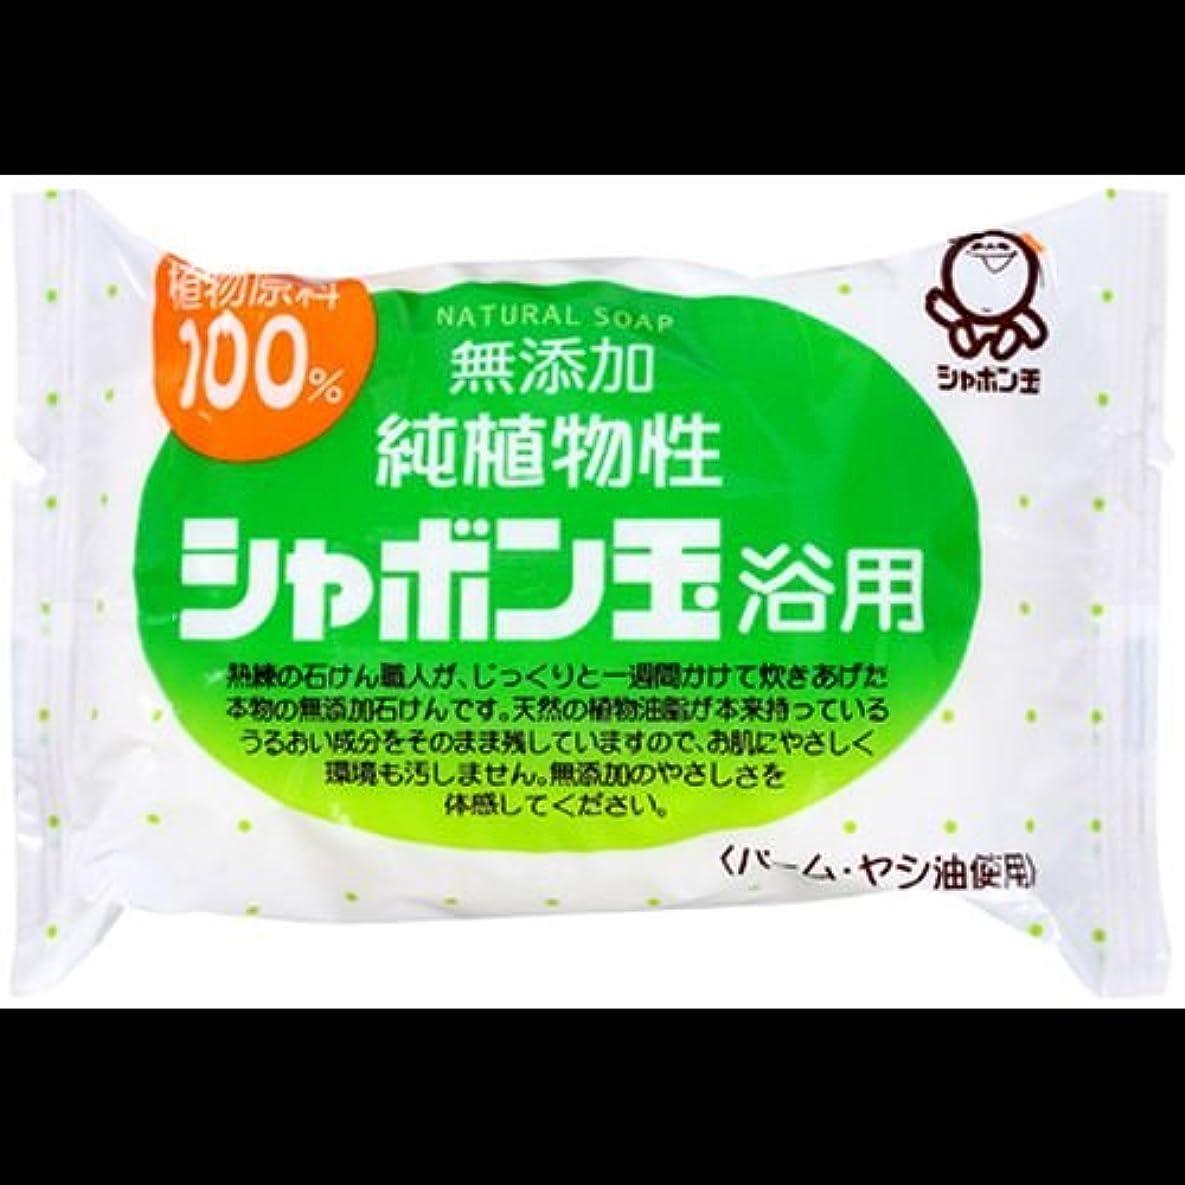 カトリック教徒罹患率風味【まとめ買い】シャボン玉 無添加 純植物性 シャボン玉浴用石けん 純植物性 100g ×2セット